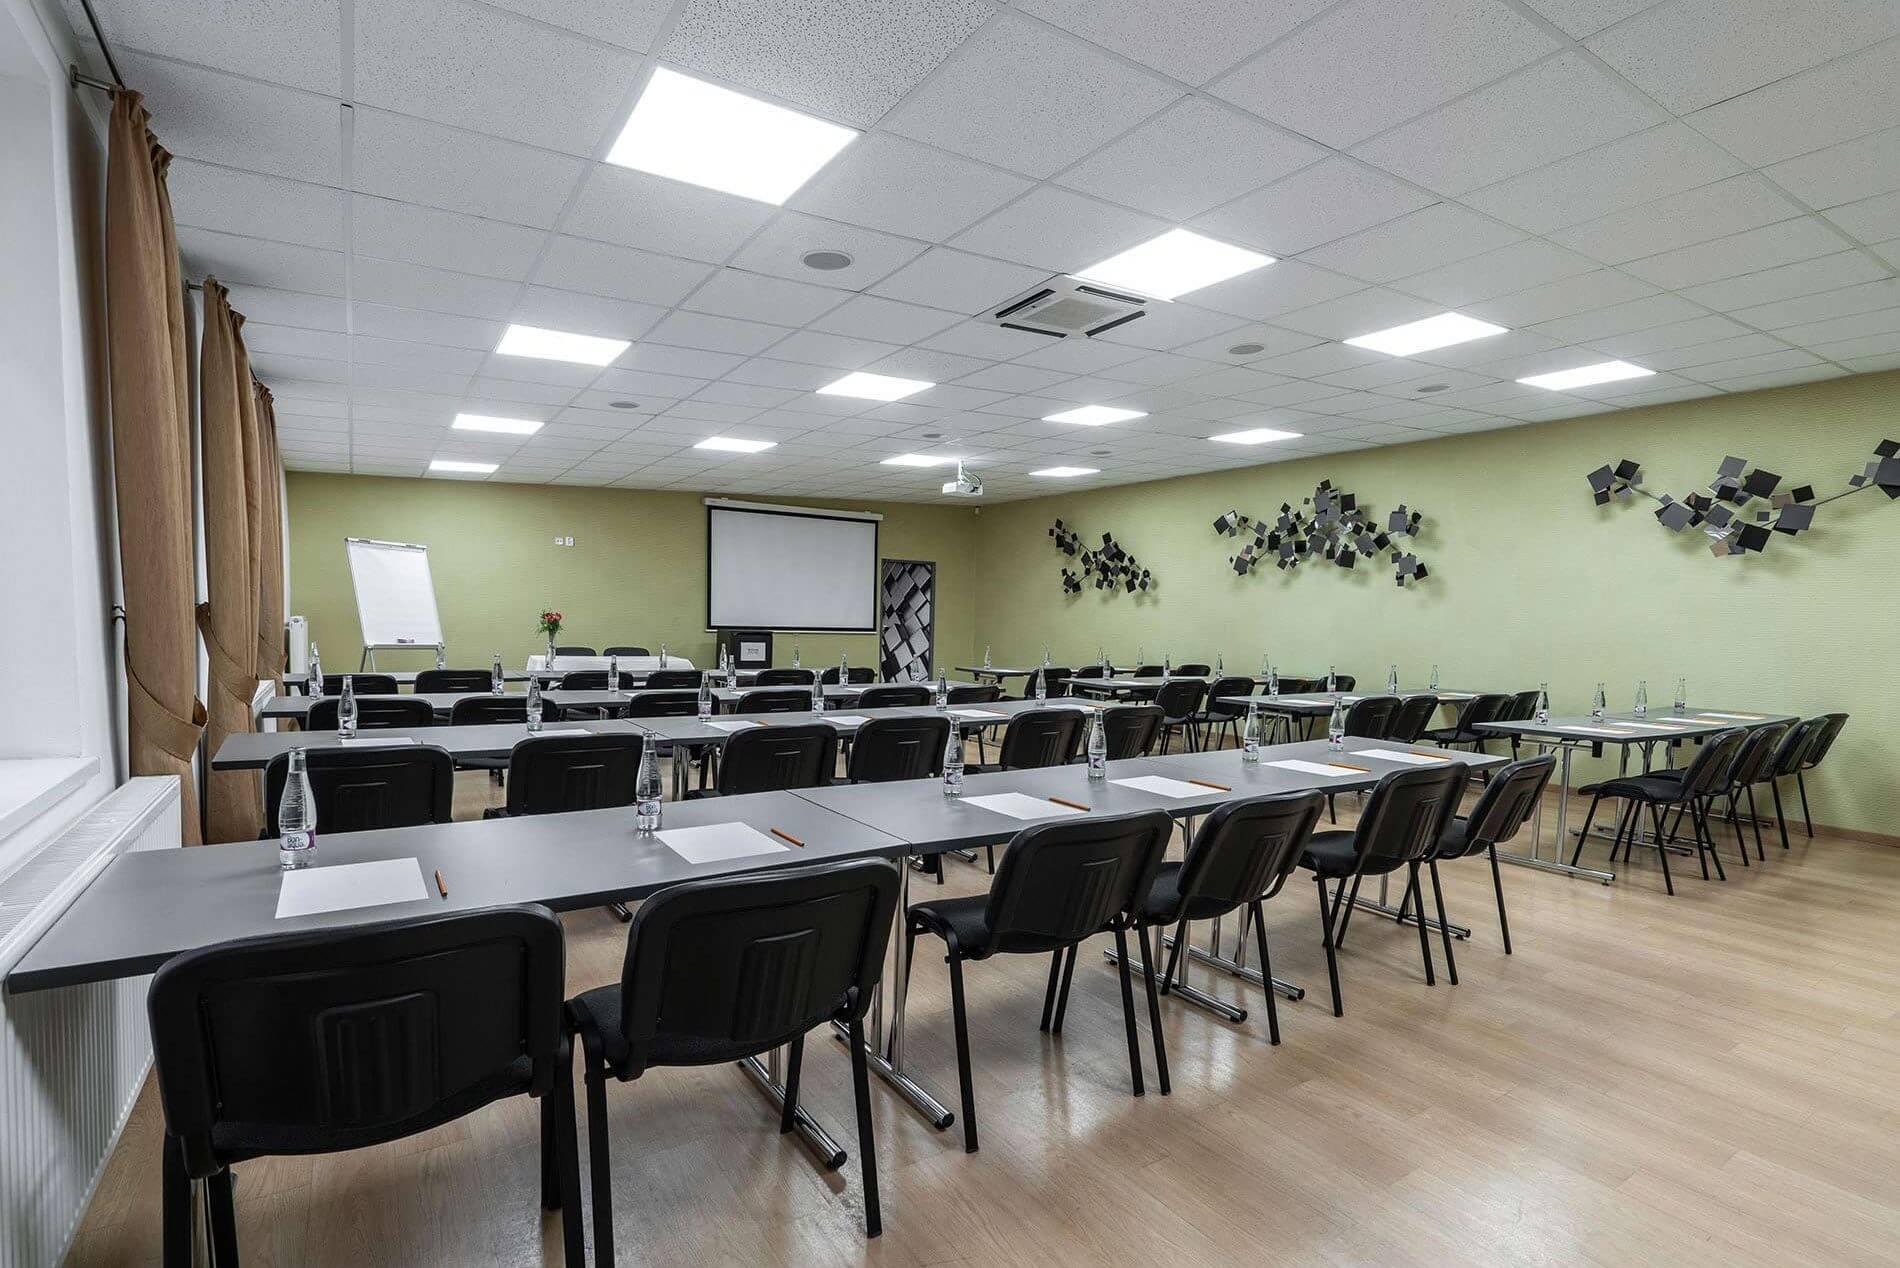 NBC, ozvucenie, akustika a videoprojekcia - konferencna miestnost - MediaTech